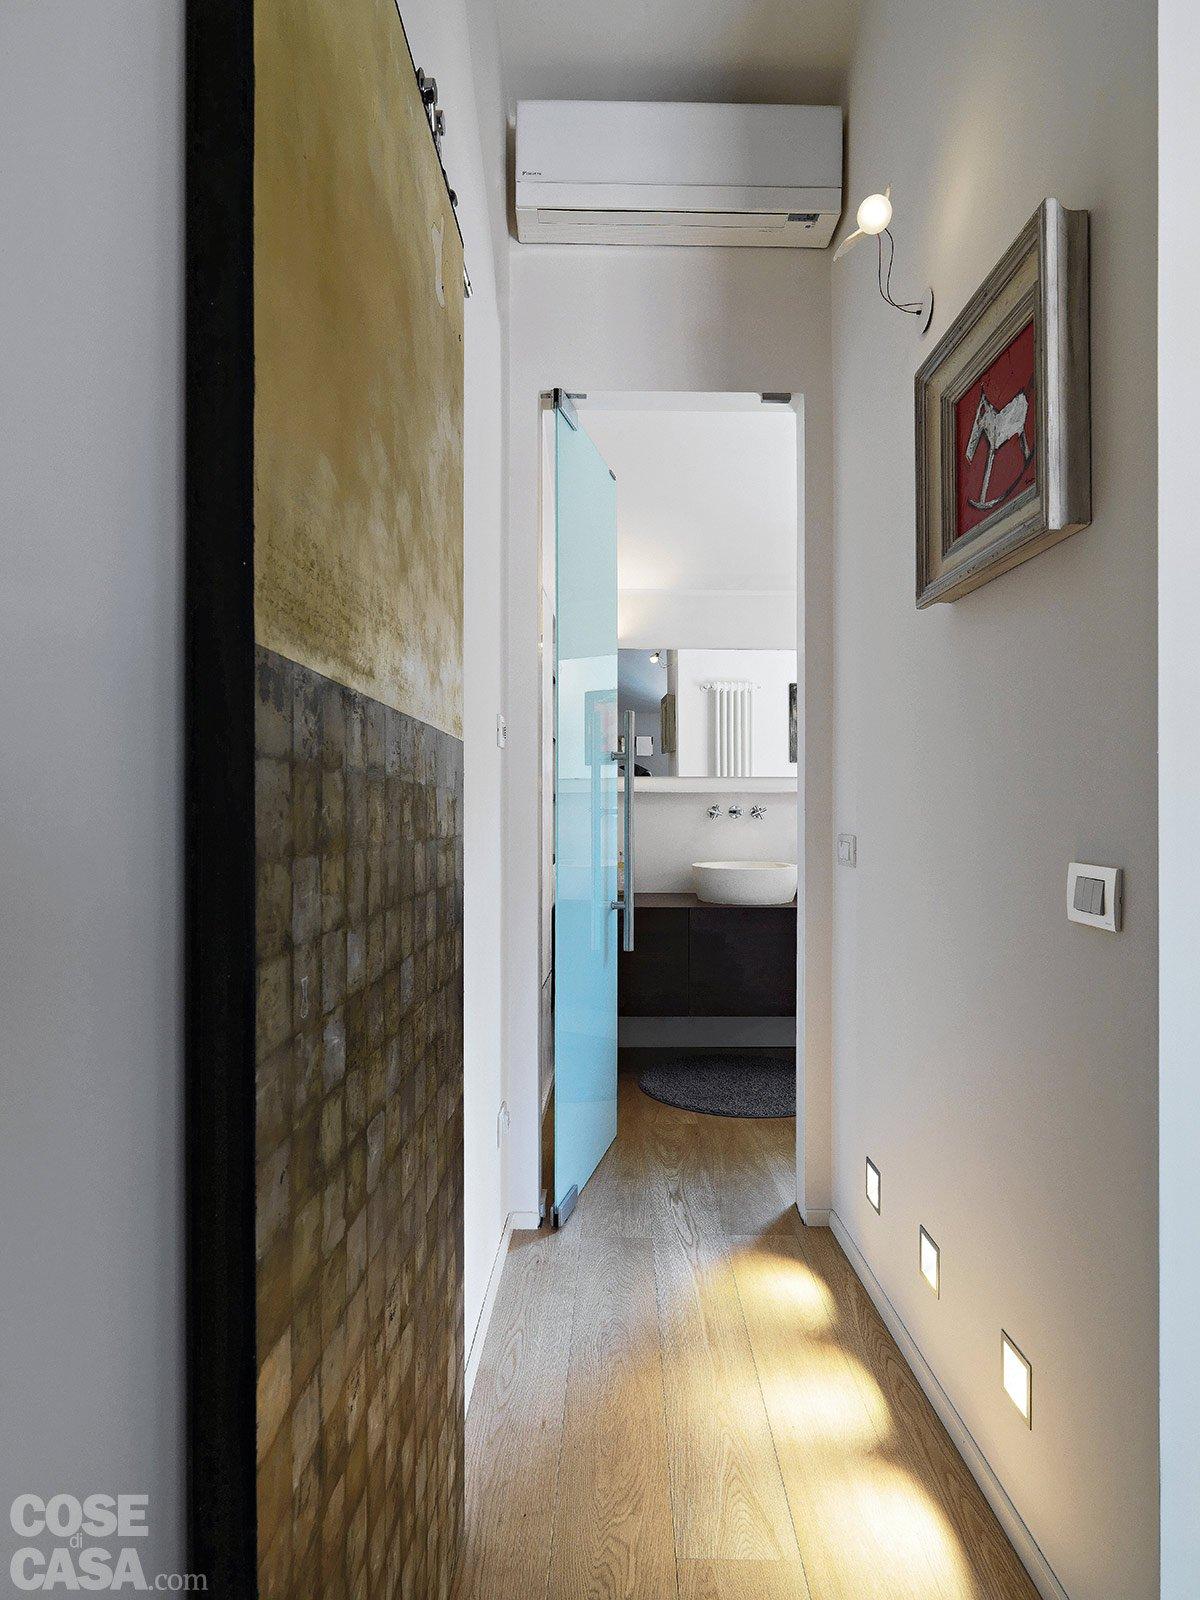 86 mq interni tra passato e presente cose di casa for Illuminazione interni casa